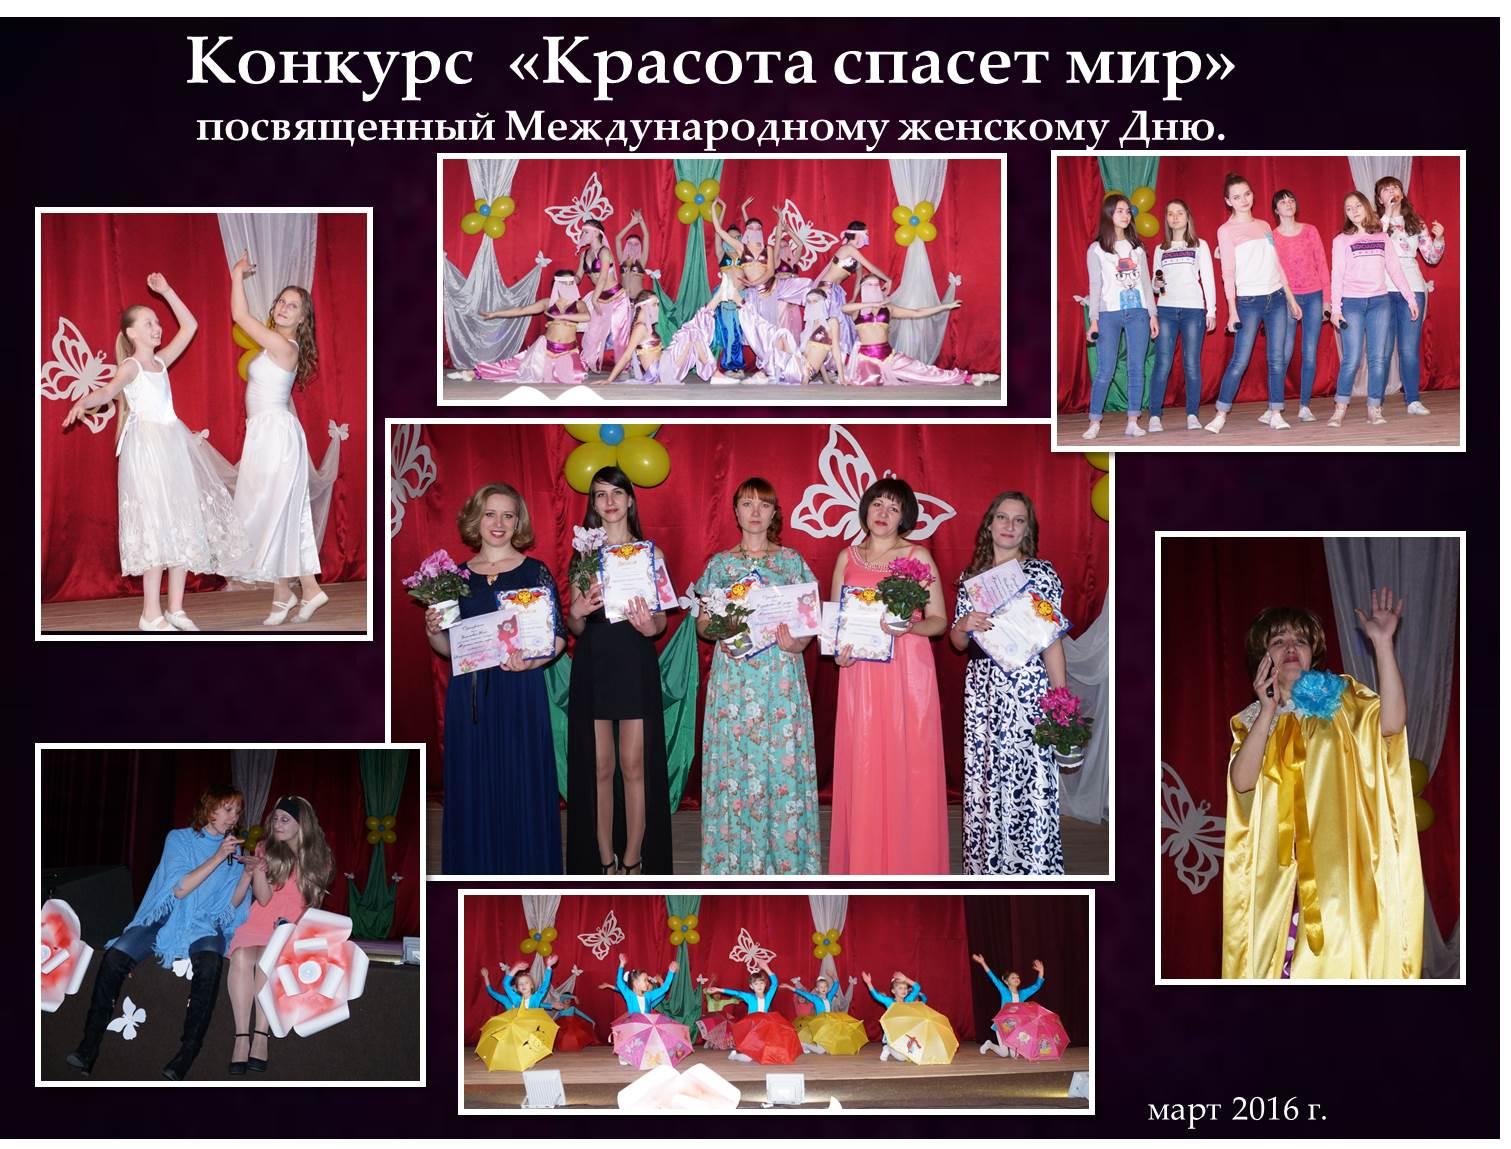 Поздравления на конкурсах красоты 99